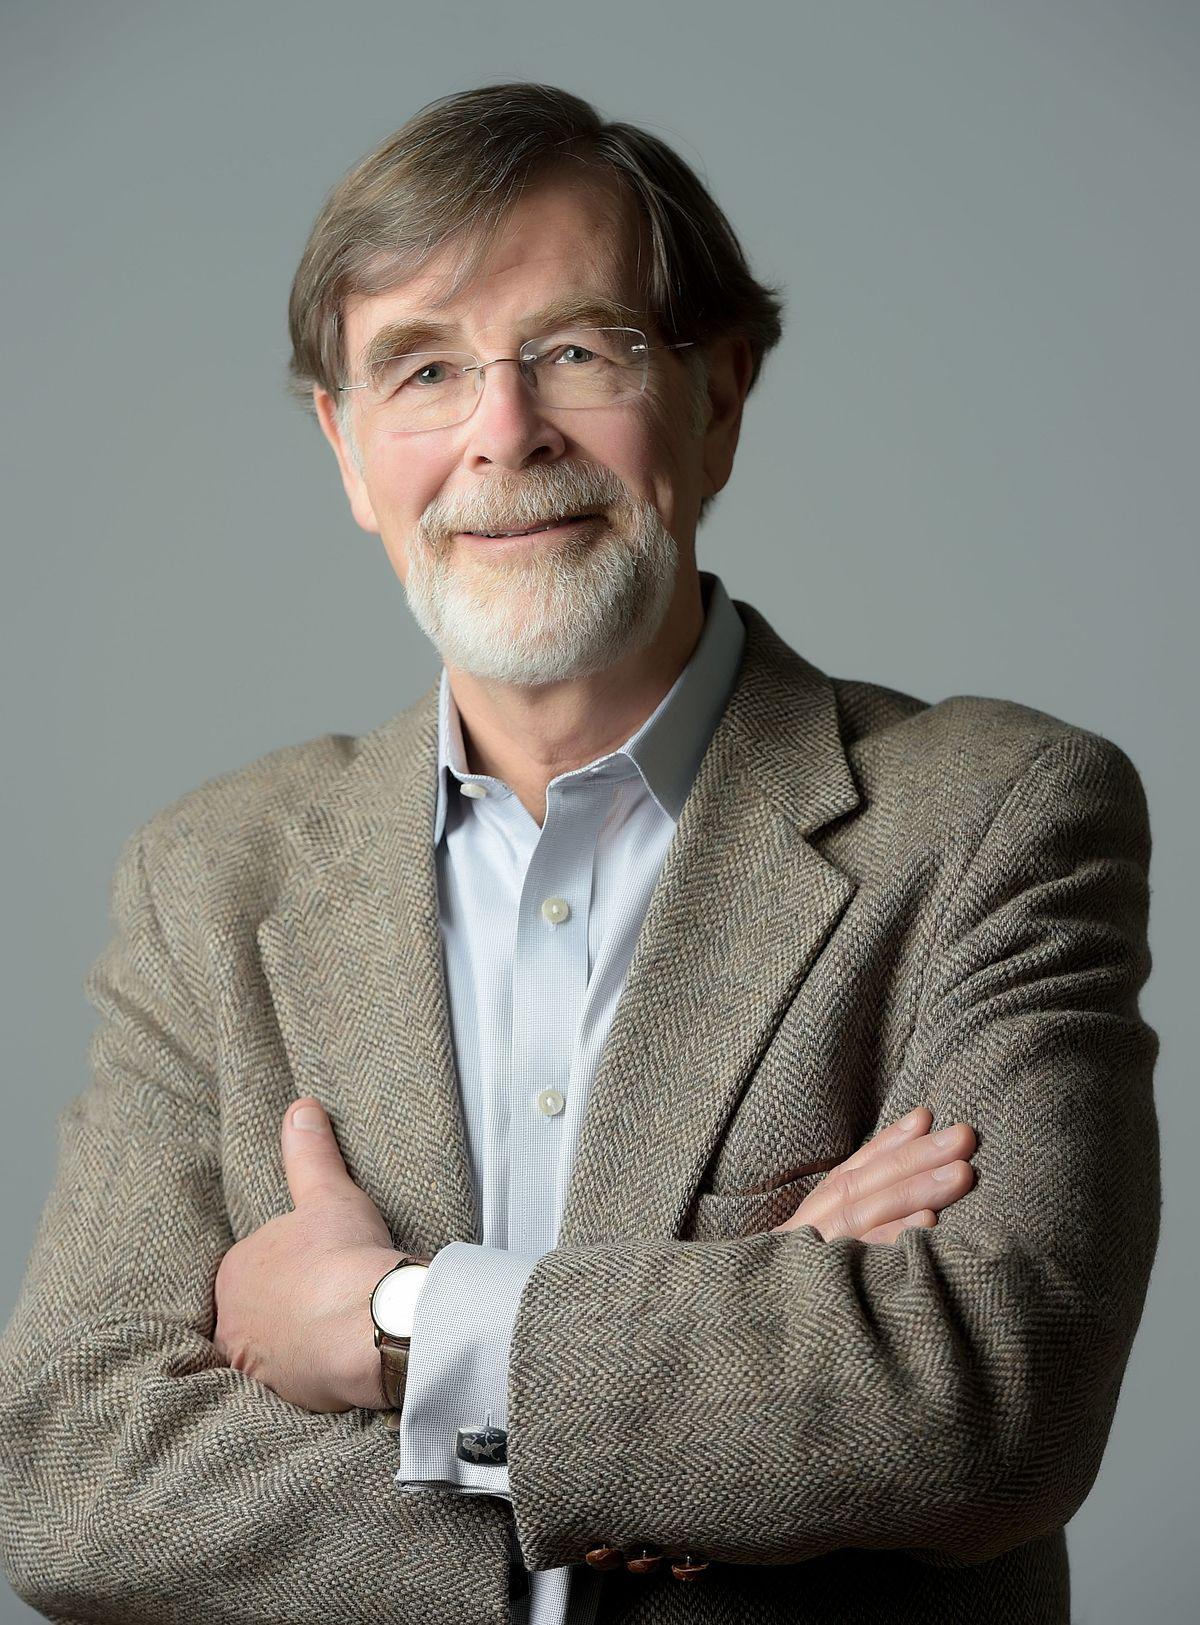 Thomas G Weiss  Wikipedia